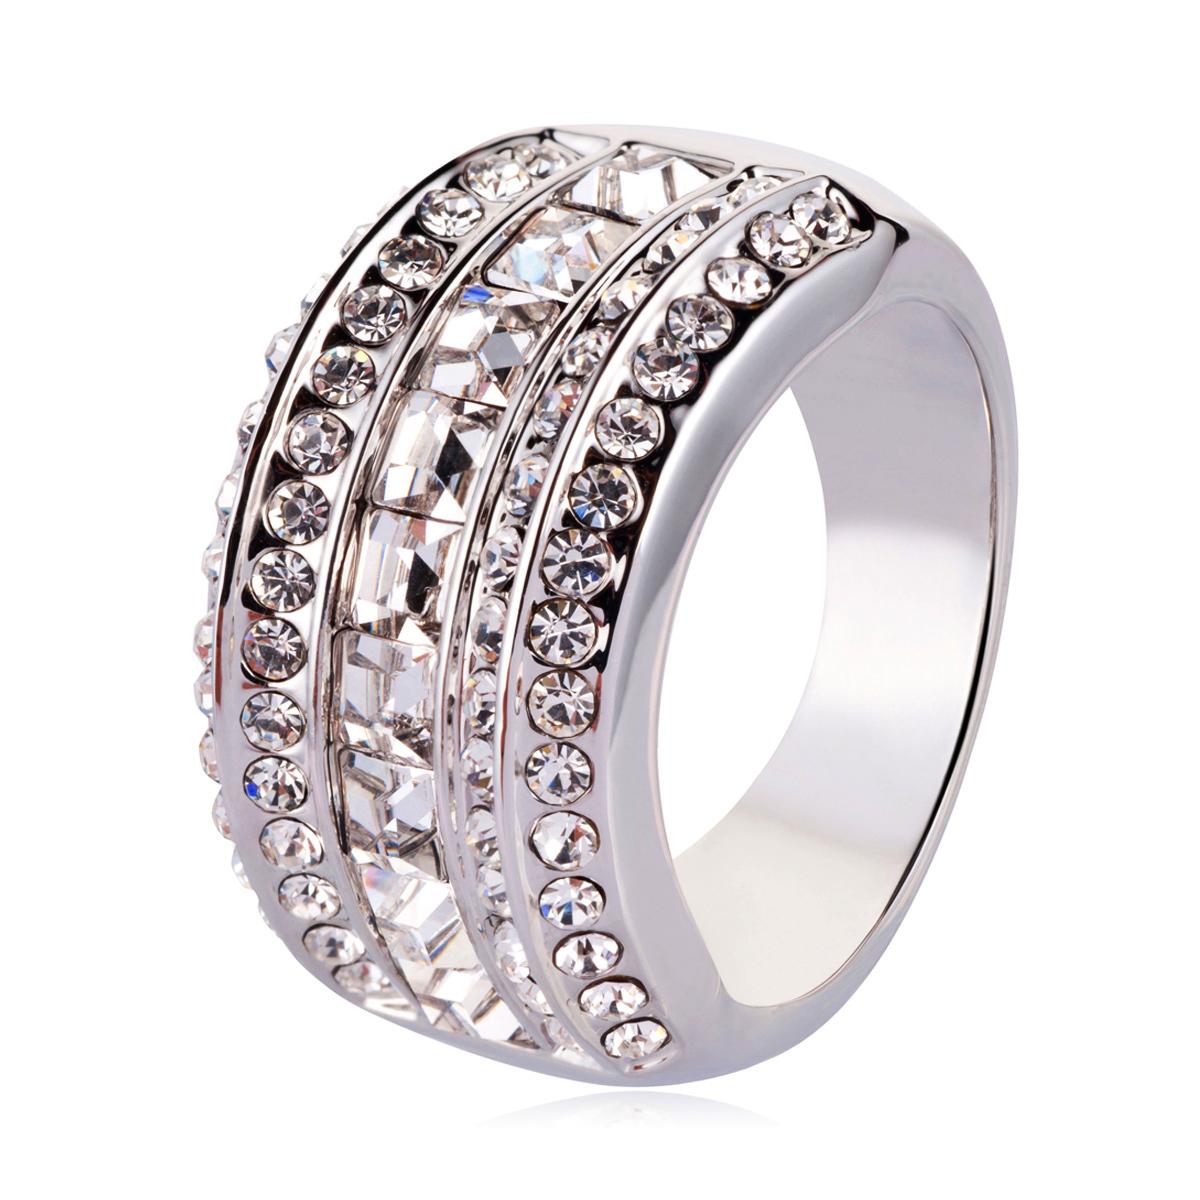 特价kaila徐静蕾安第斯的光辉情侣时尚饰品女性宝石戒指钻戒指 新